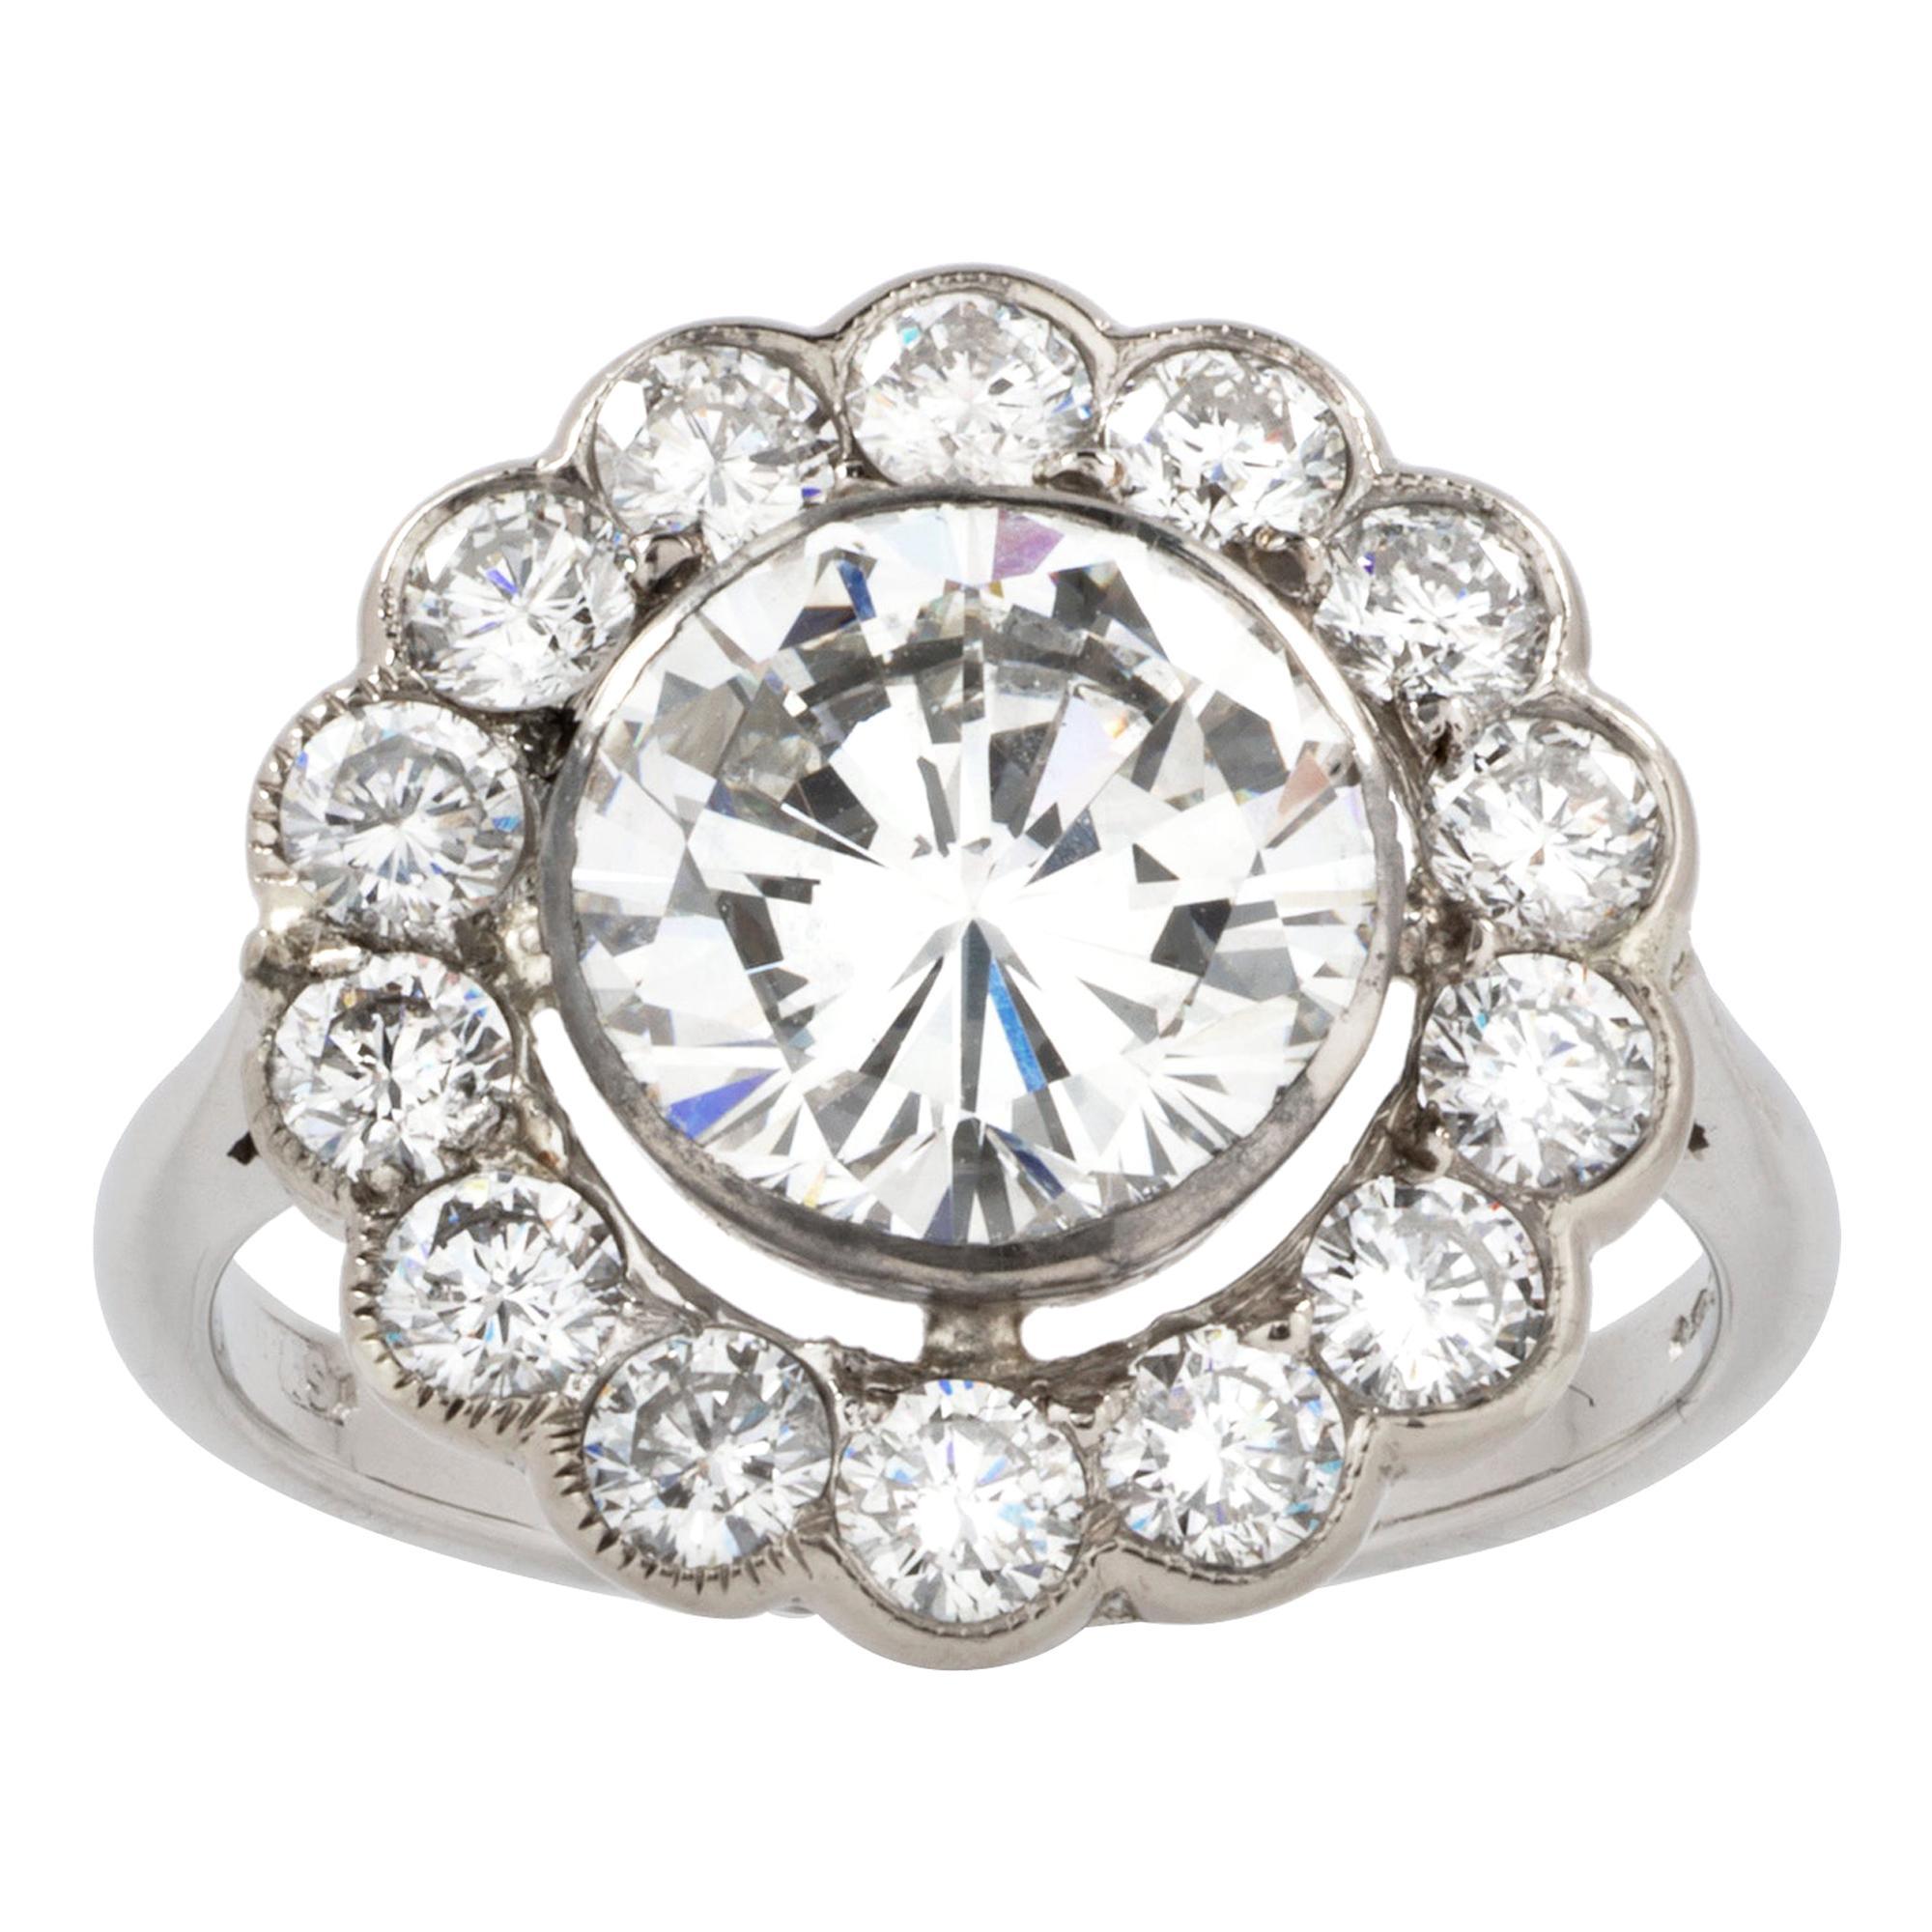 GIA Certified 2.66 Carat Diamond Cluster Ring